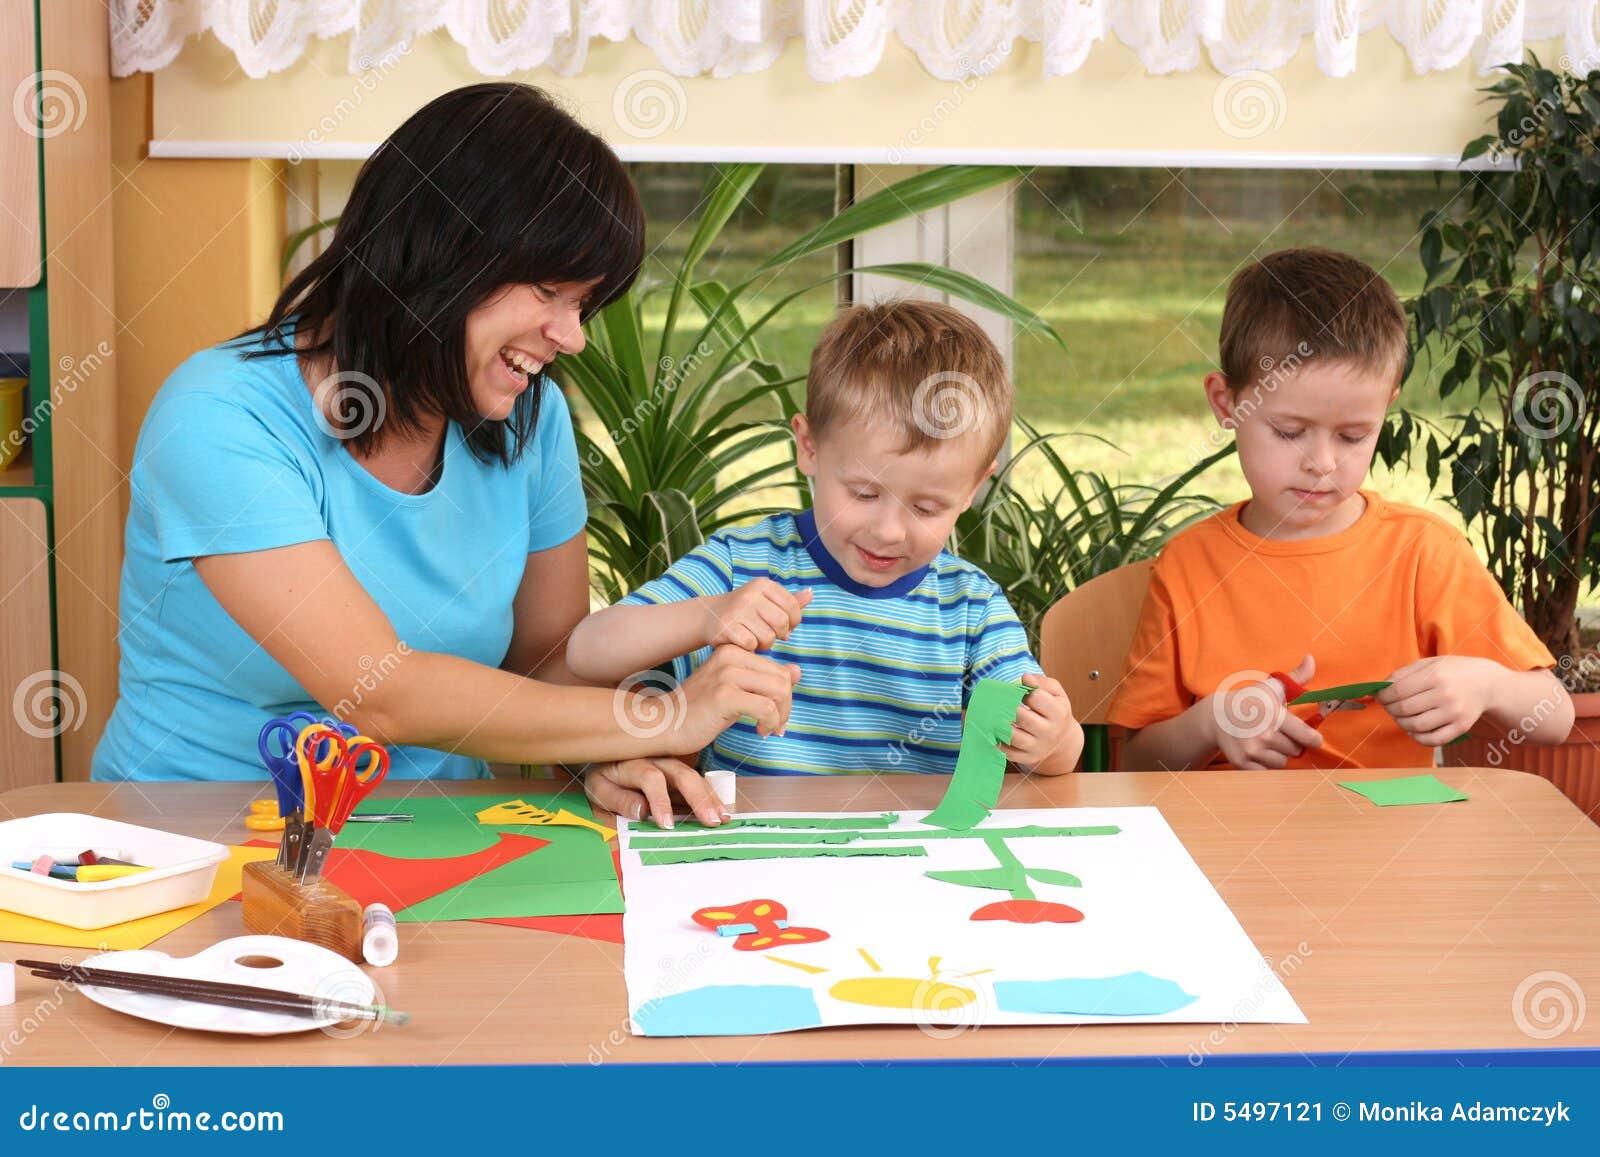 手工学龄前儿童技能